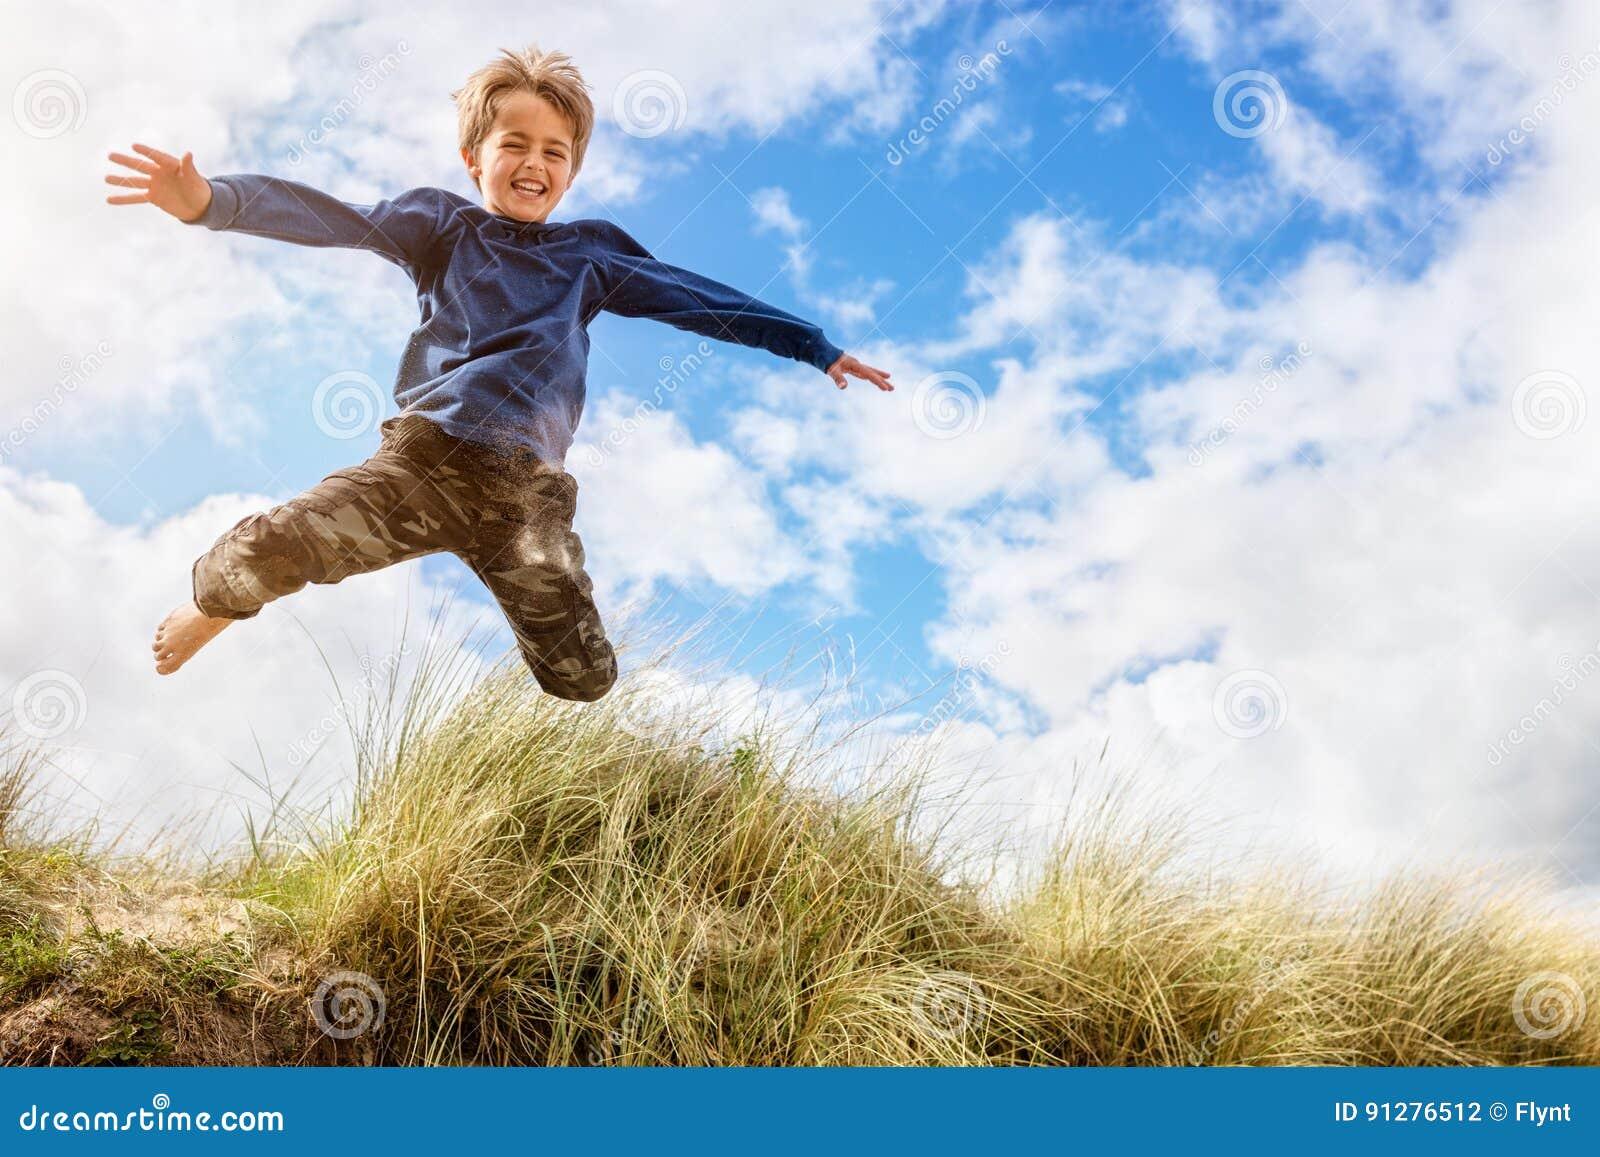 飞跃和跳过沙丘的男孩海滩假期